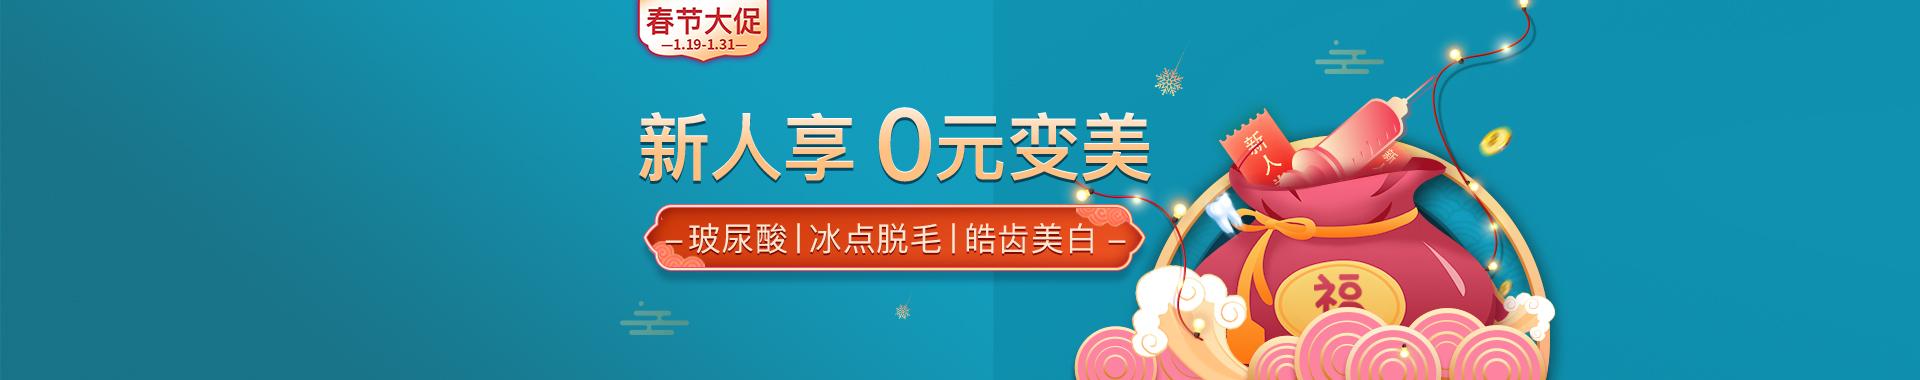 春节大促-霸王餐pc